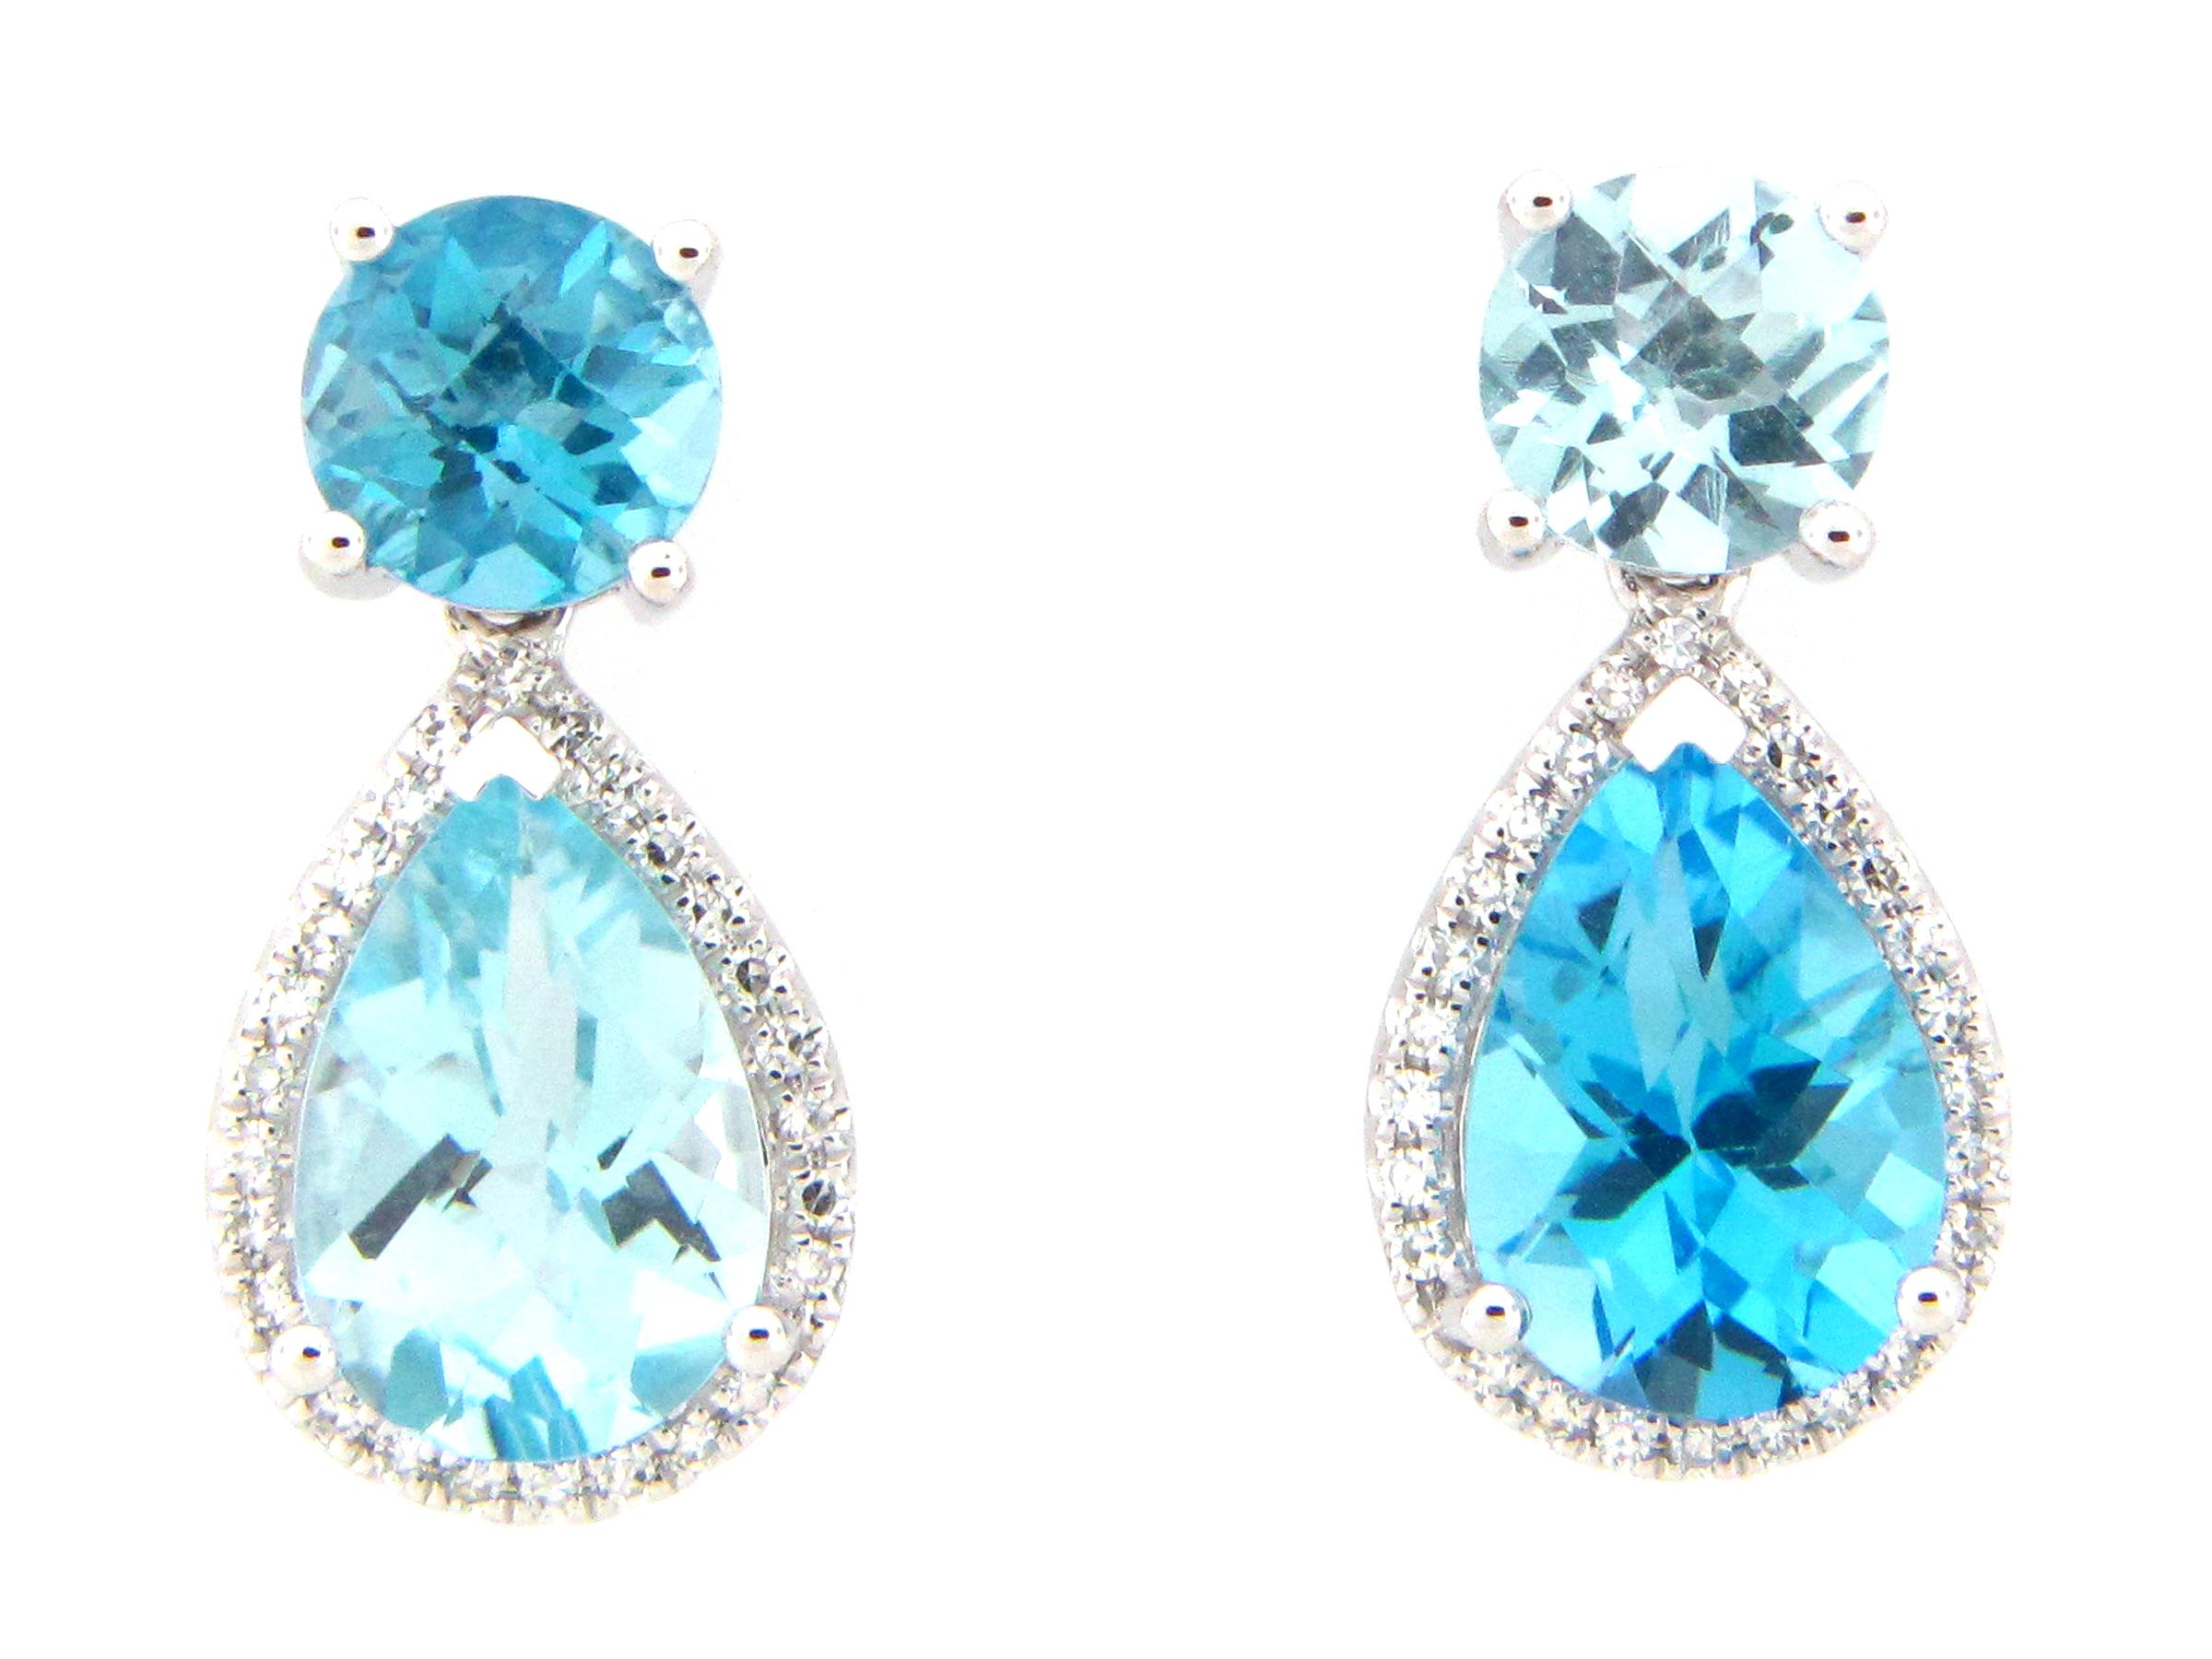 Swiss & Sky Blue Topaz Cross Pair Earring